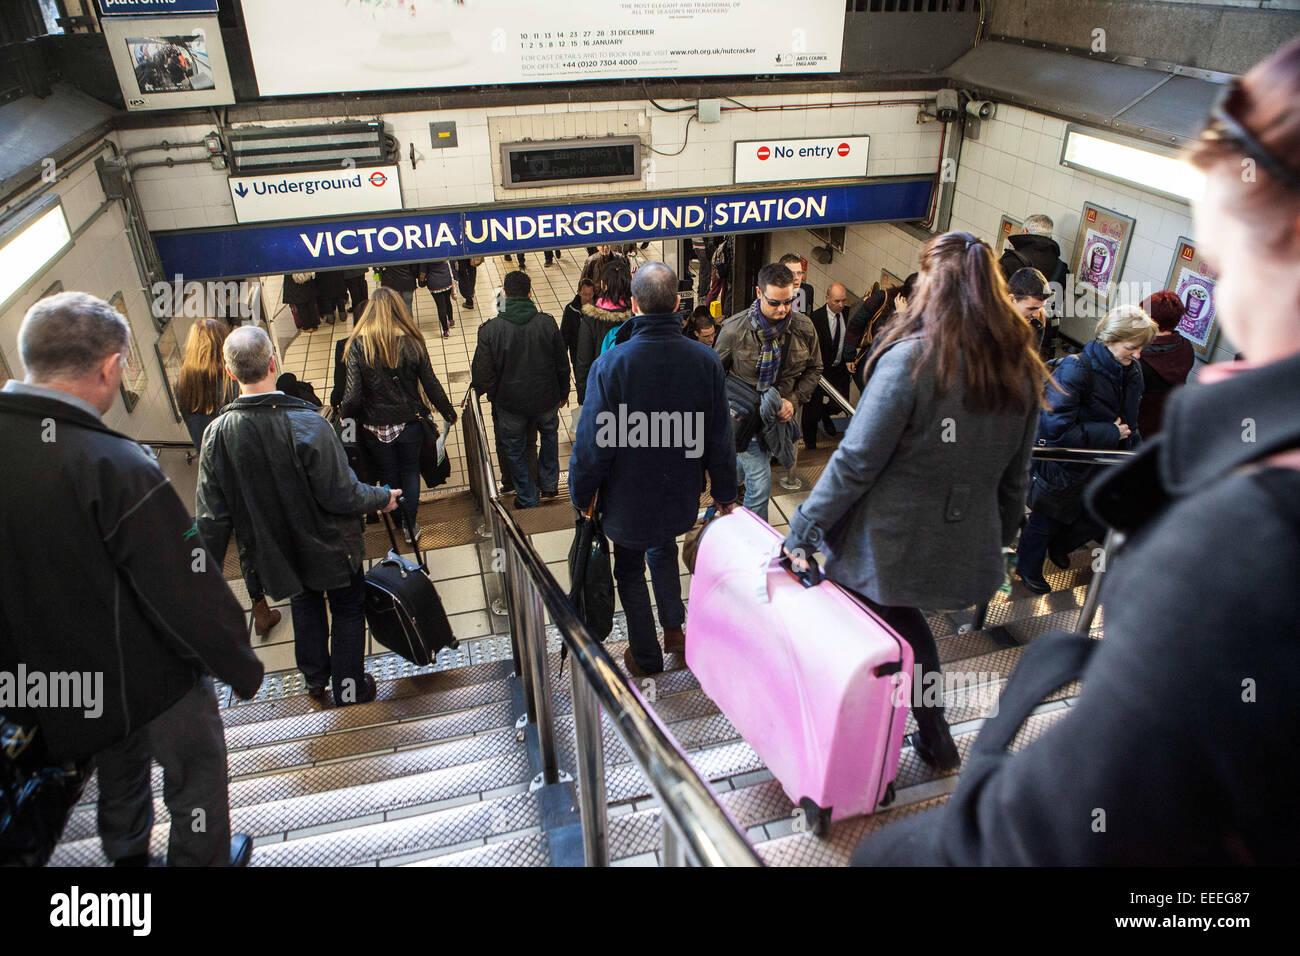 La stazione di Victoria. Ingresso alla stazione della metropolitana di Victoria dalla stazione ferroviaria di Victoria Immagini Stock